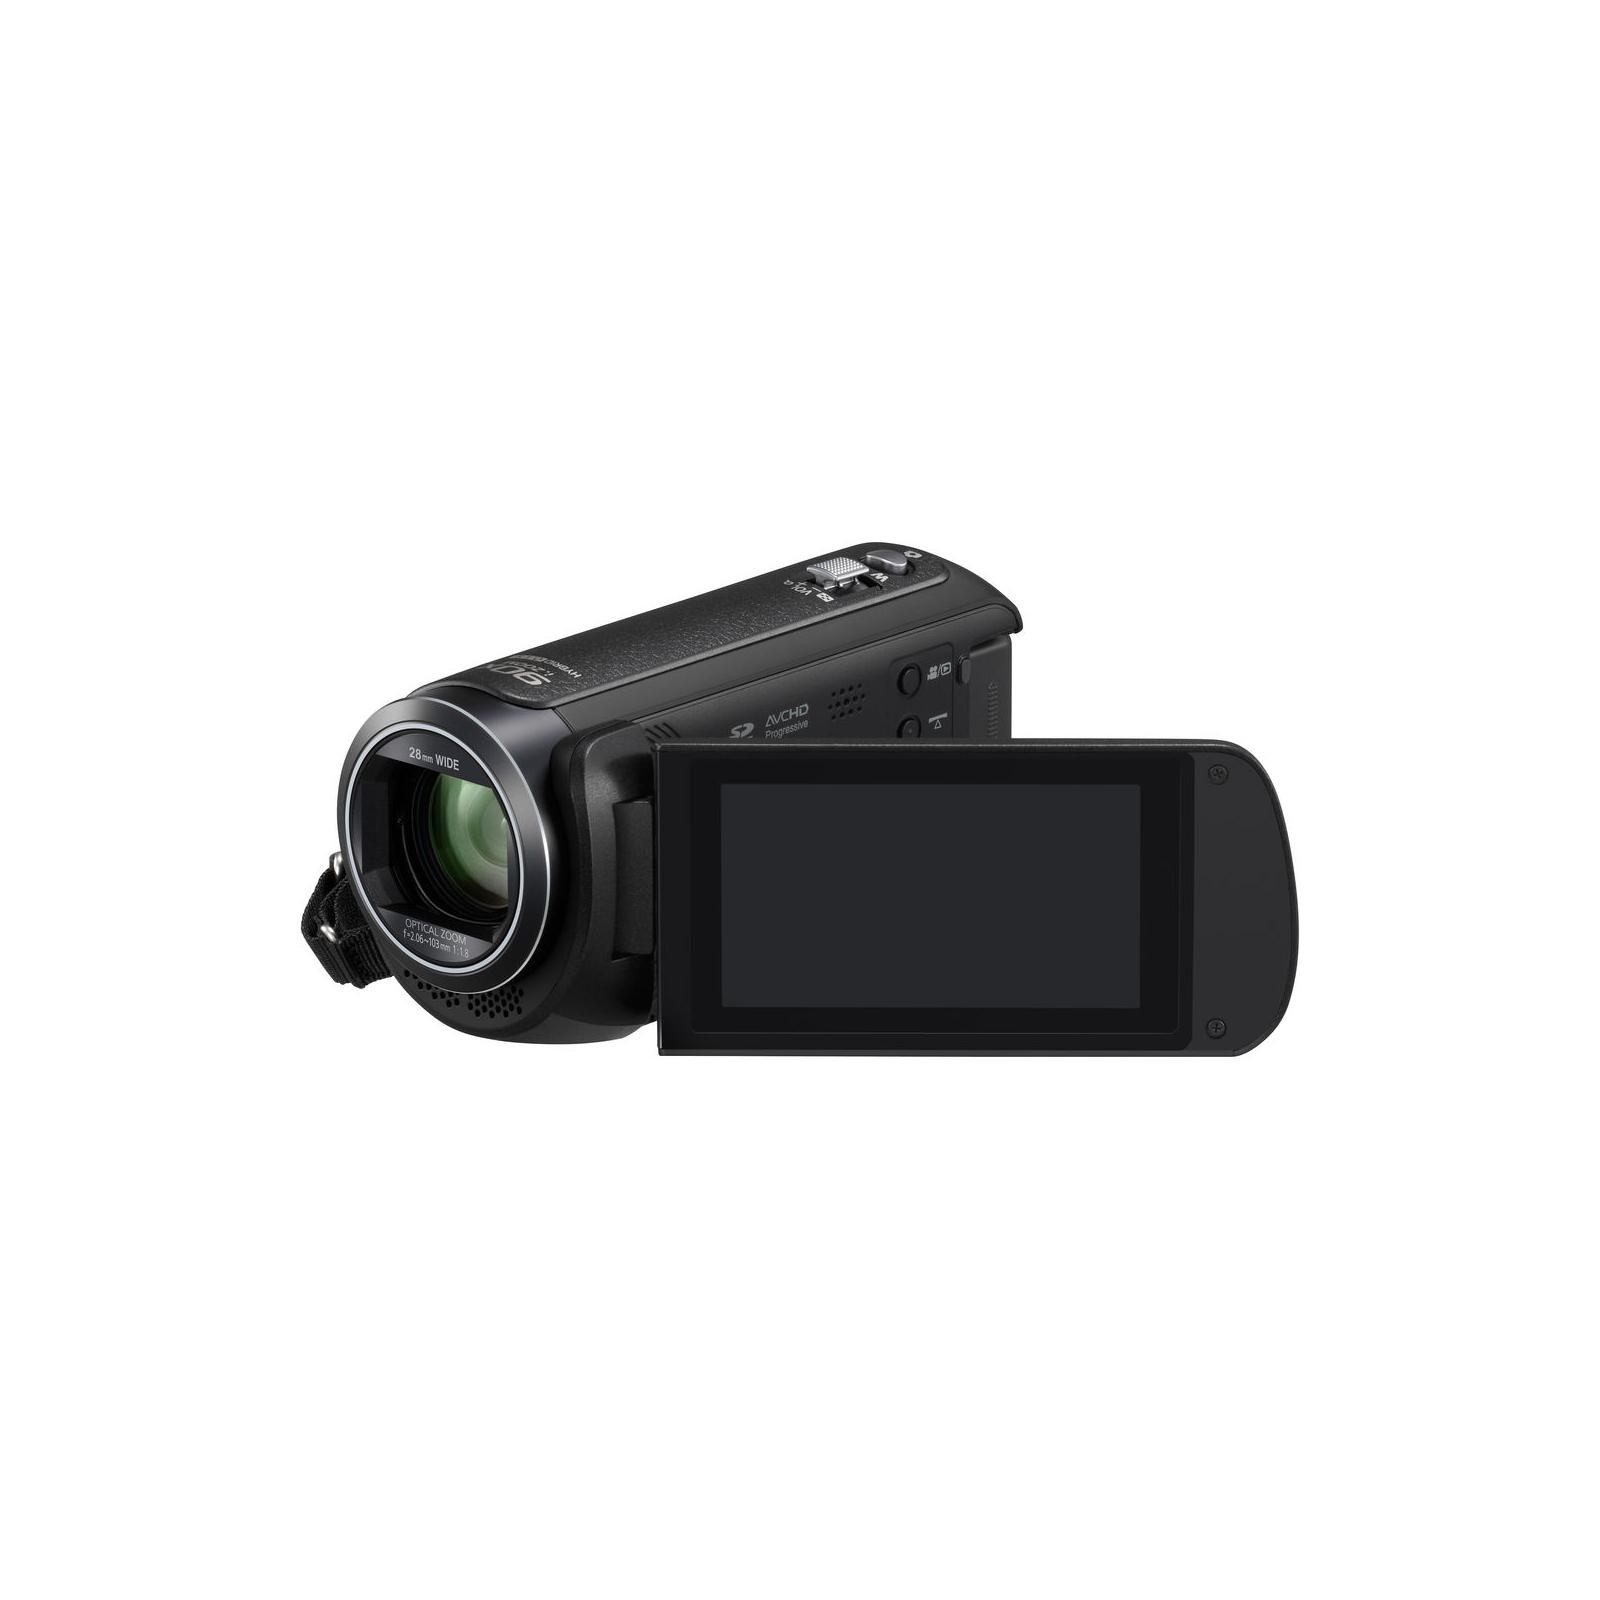 Цифровая видеокамера PANASONIC HC-V380EE-K изображение 3